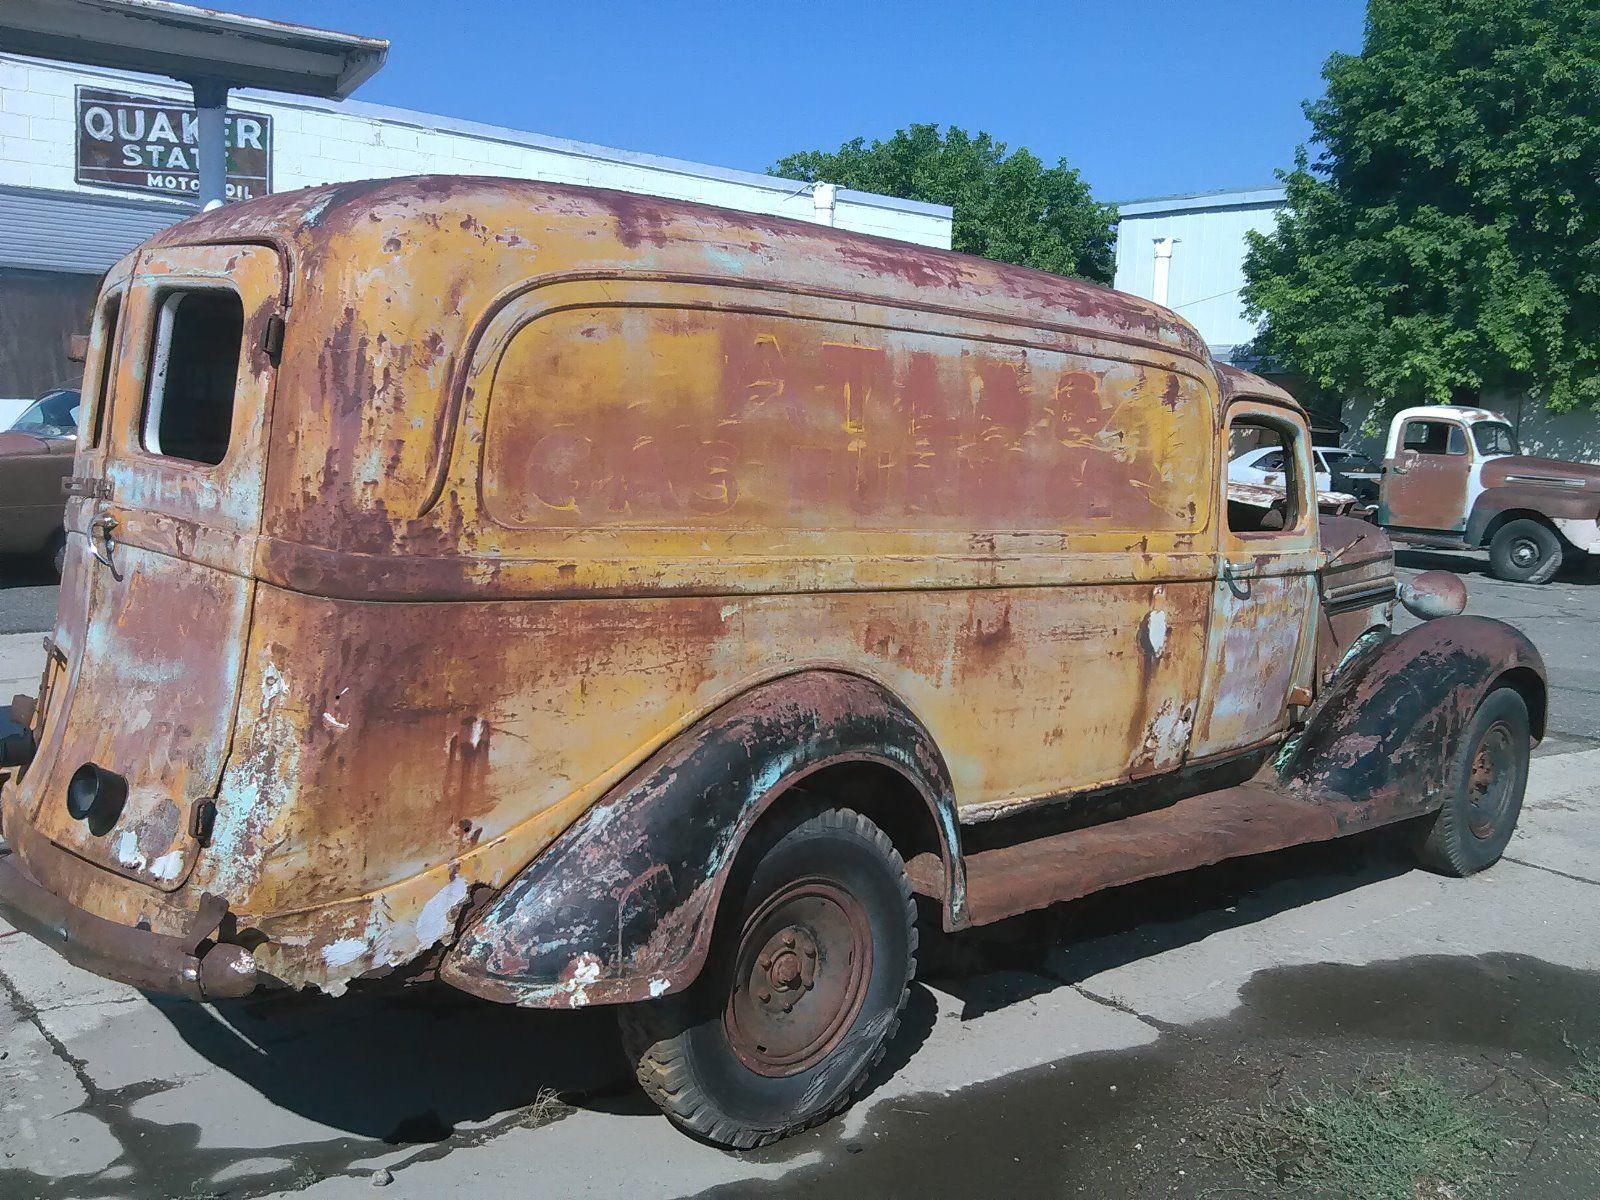 Missing engine 1937 dodge pickups vintage truck for sale for Dodge motors for sale